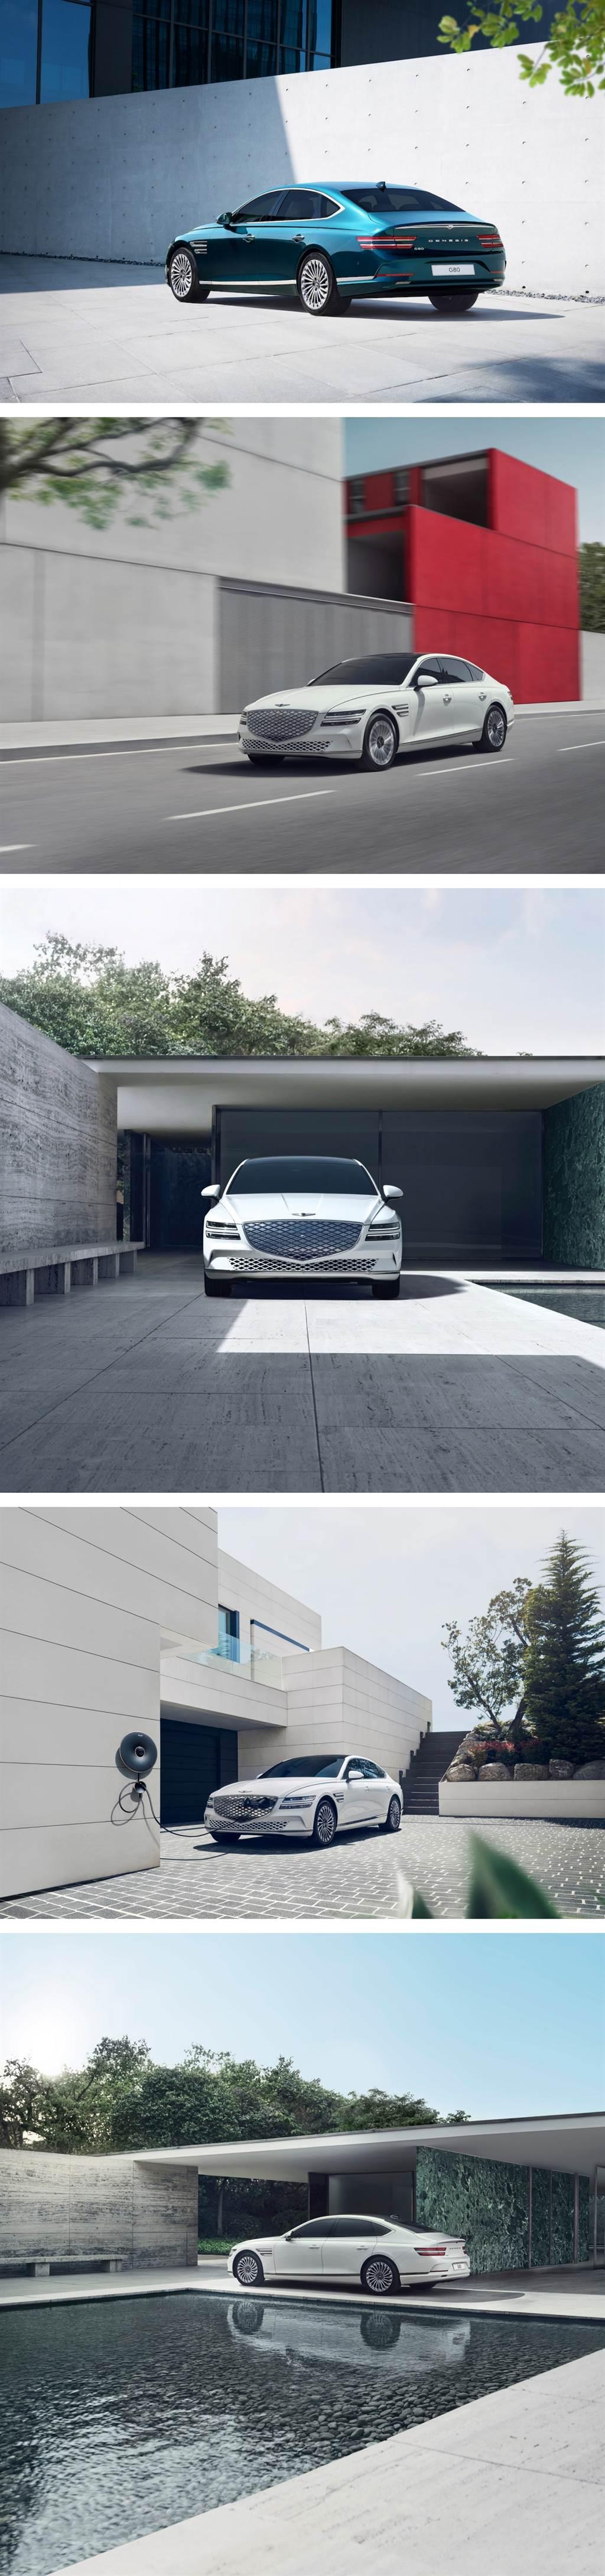 最大續航力 500km 以上、完美結合「運動優雅」GENESIS Electrified G80 韓國率先發售!